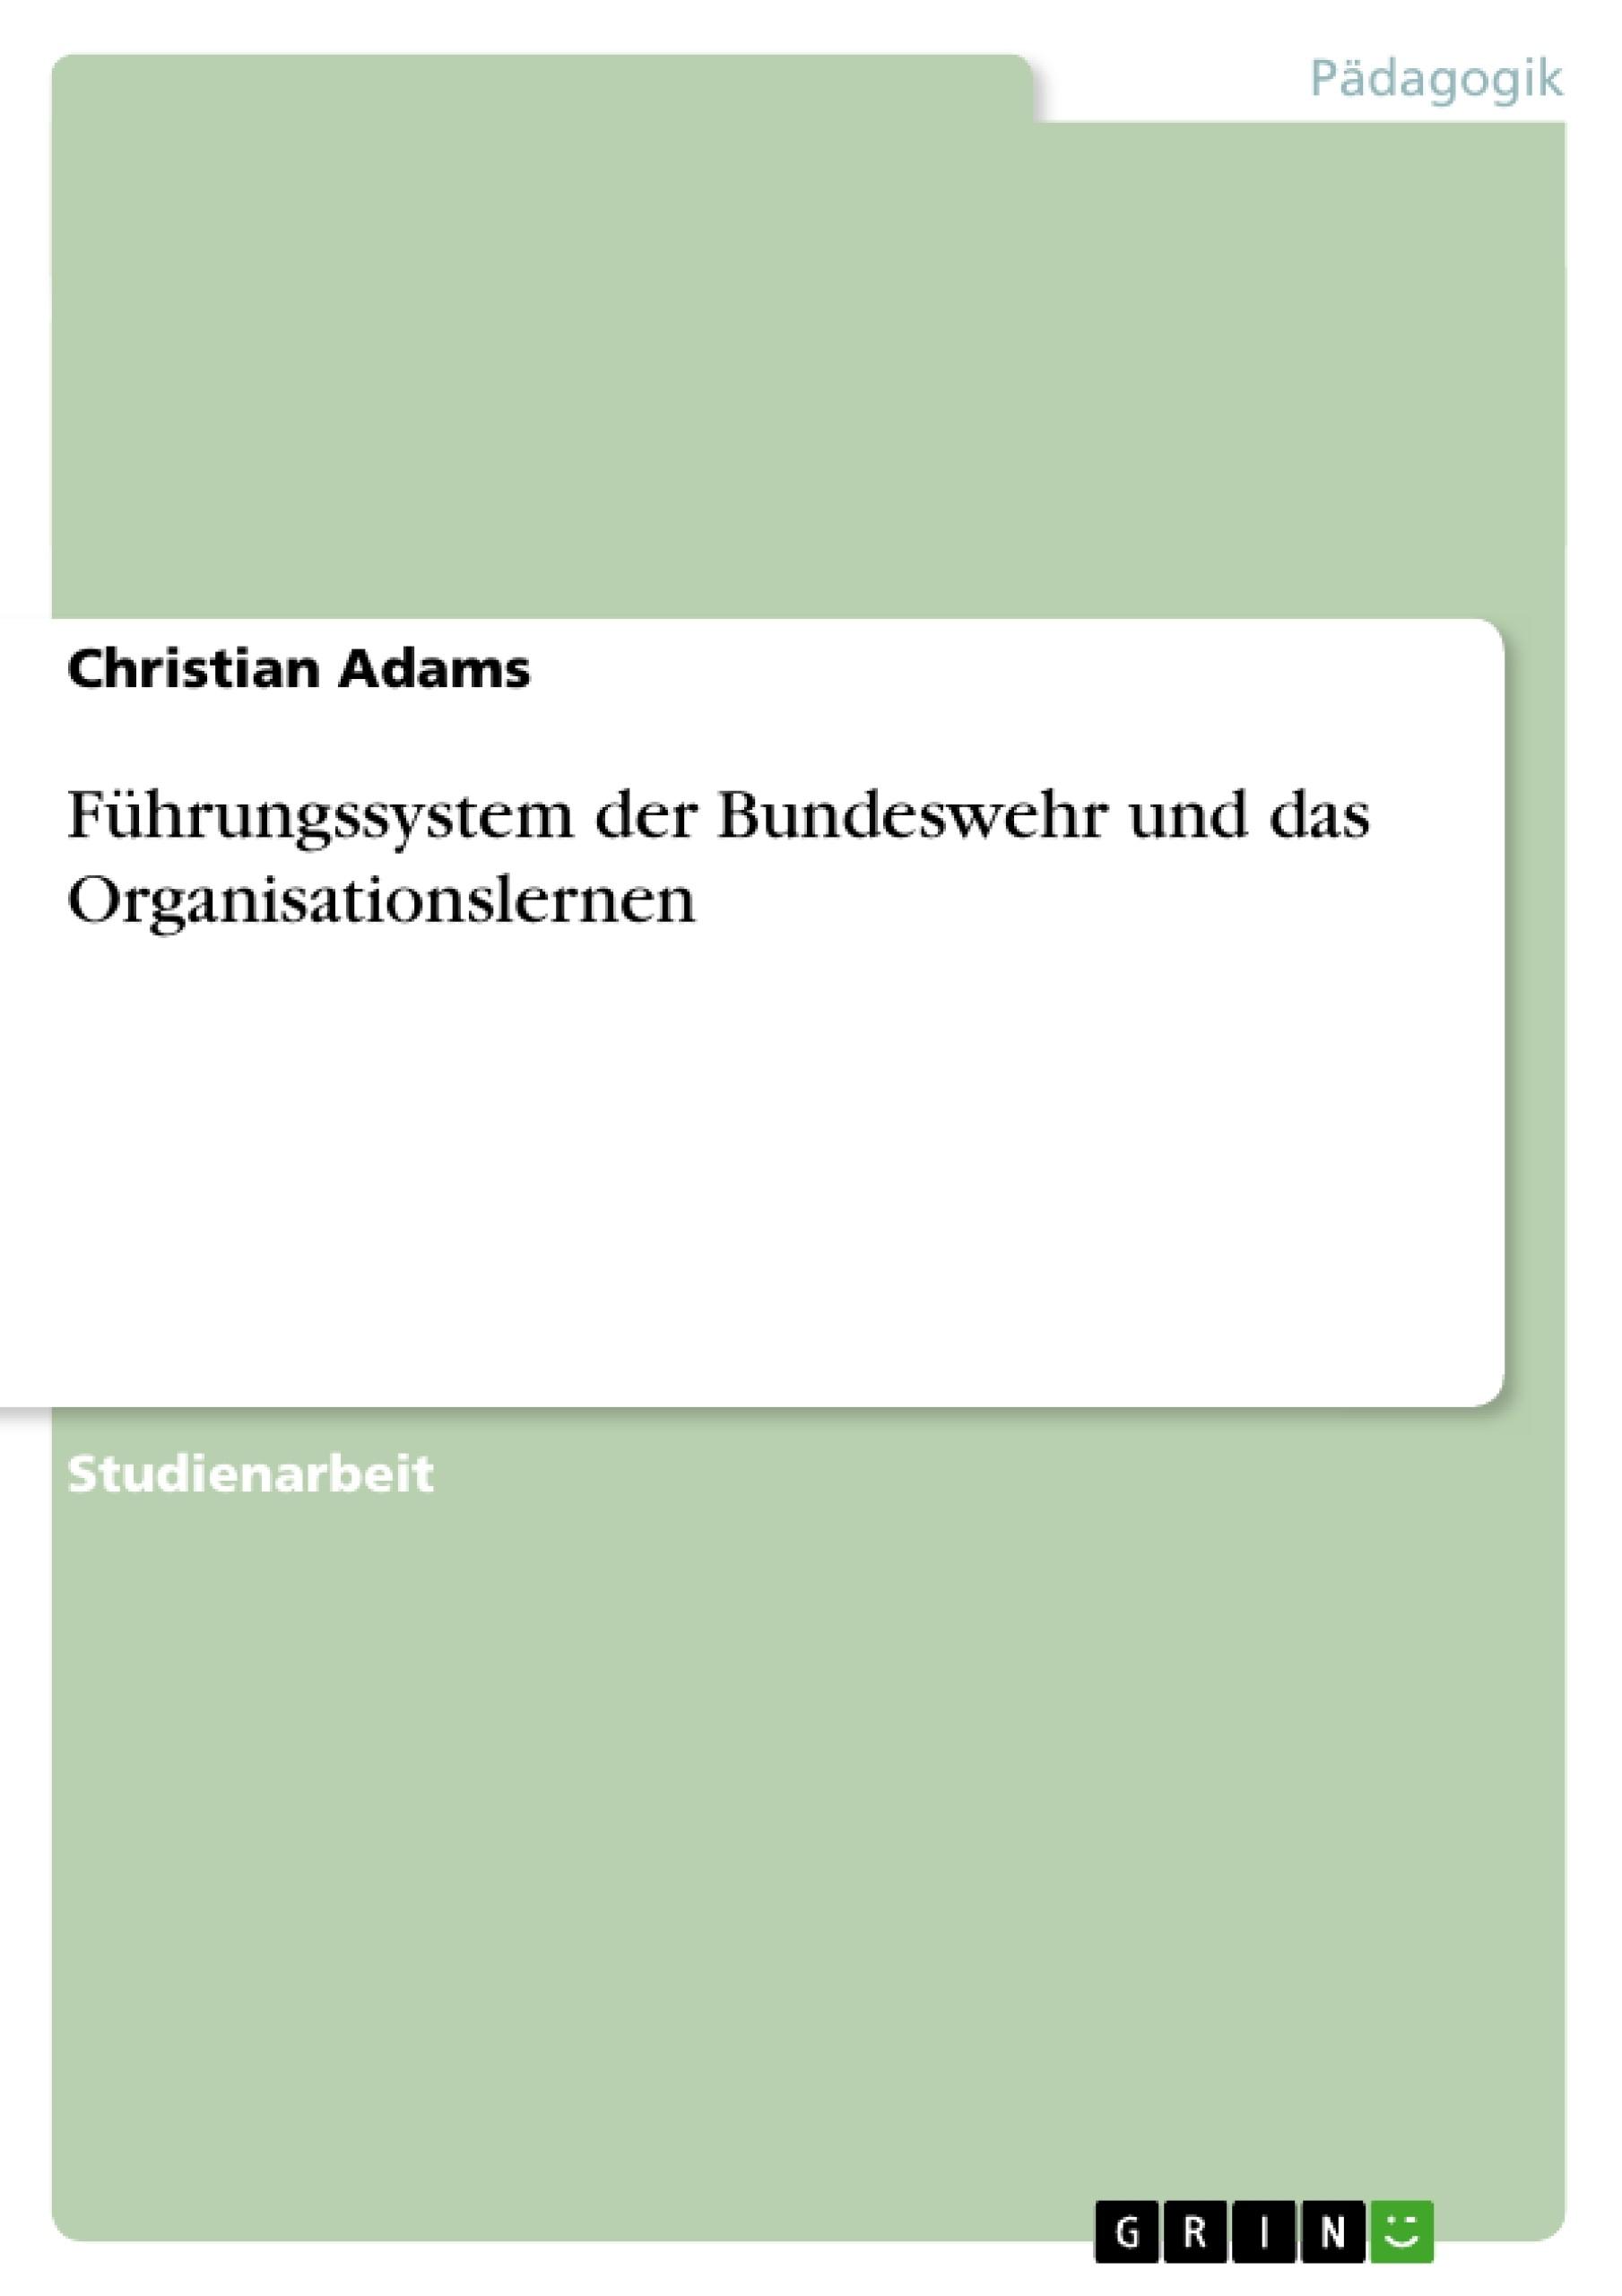 Titel: Führungssystem der Bundeswehr und das Organisationslernen